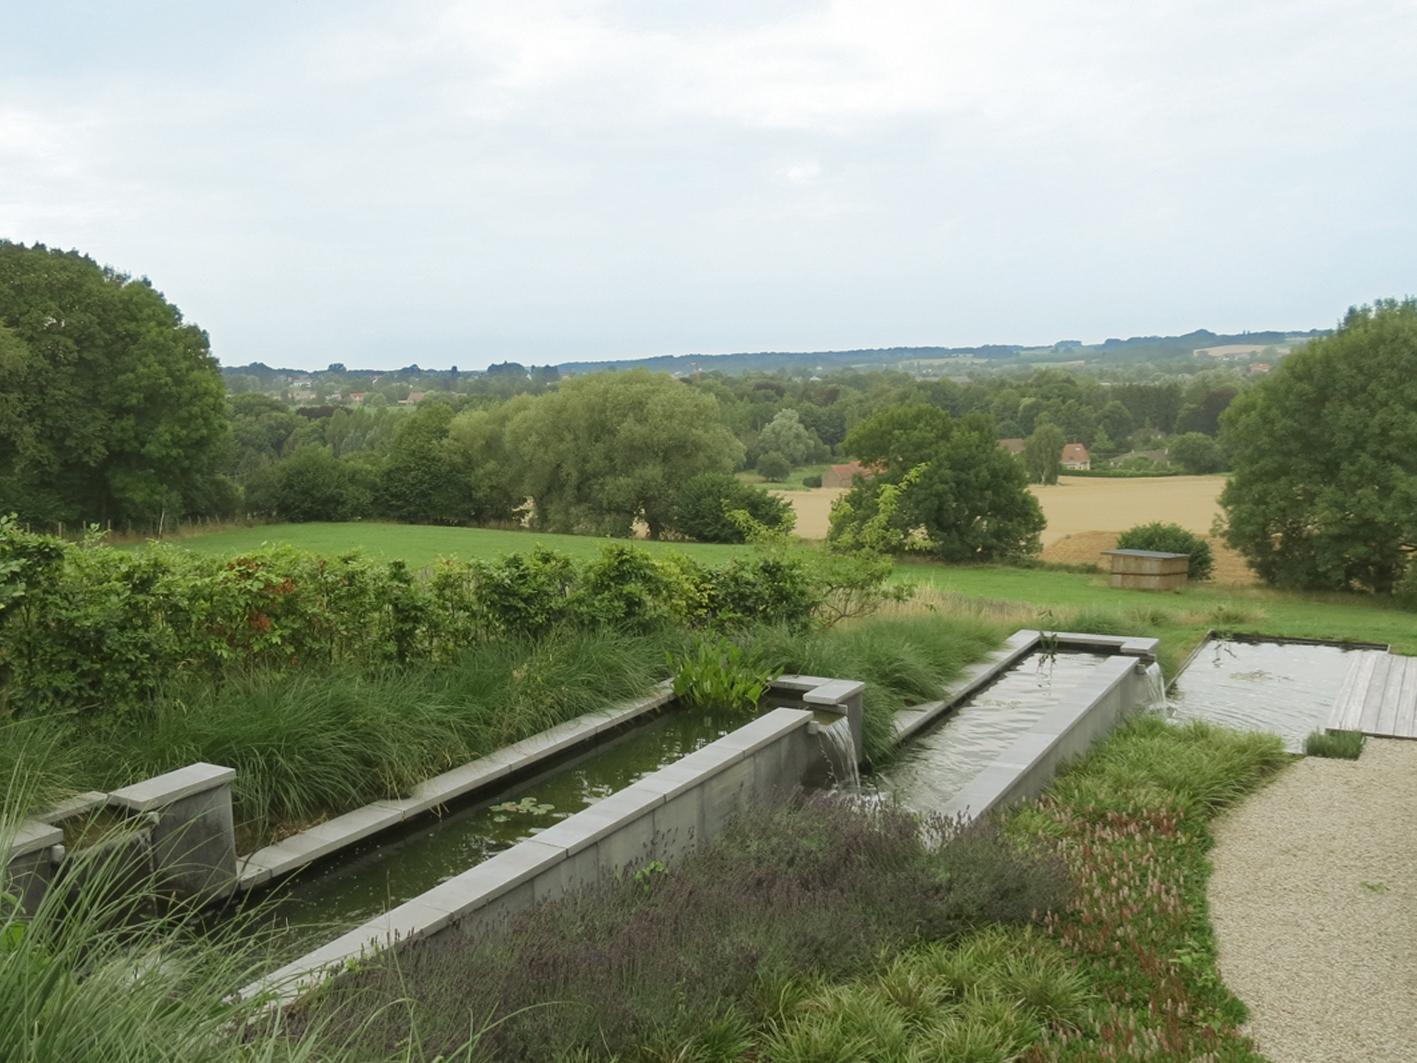 Succession de bassins-canal en cascades servant également de soutènement pour asseoir le talus de terre arrière. Structures maçonnées et parement en pierre bleue belge.